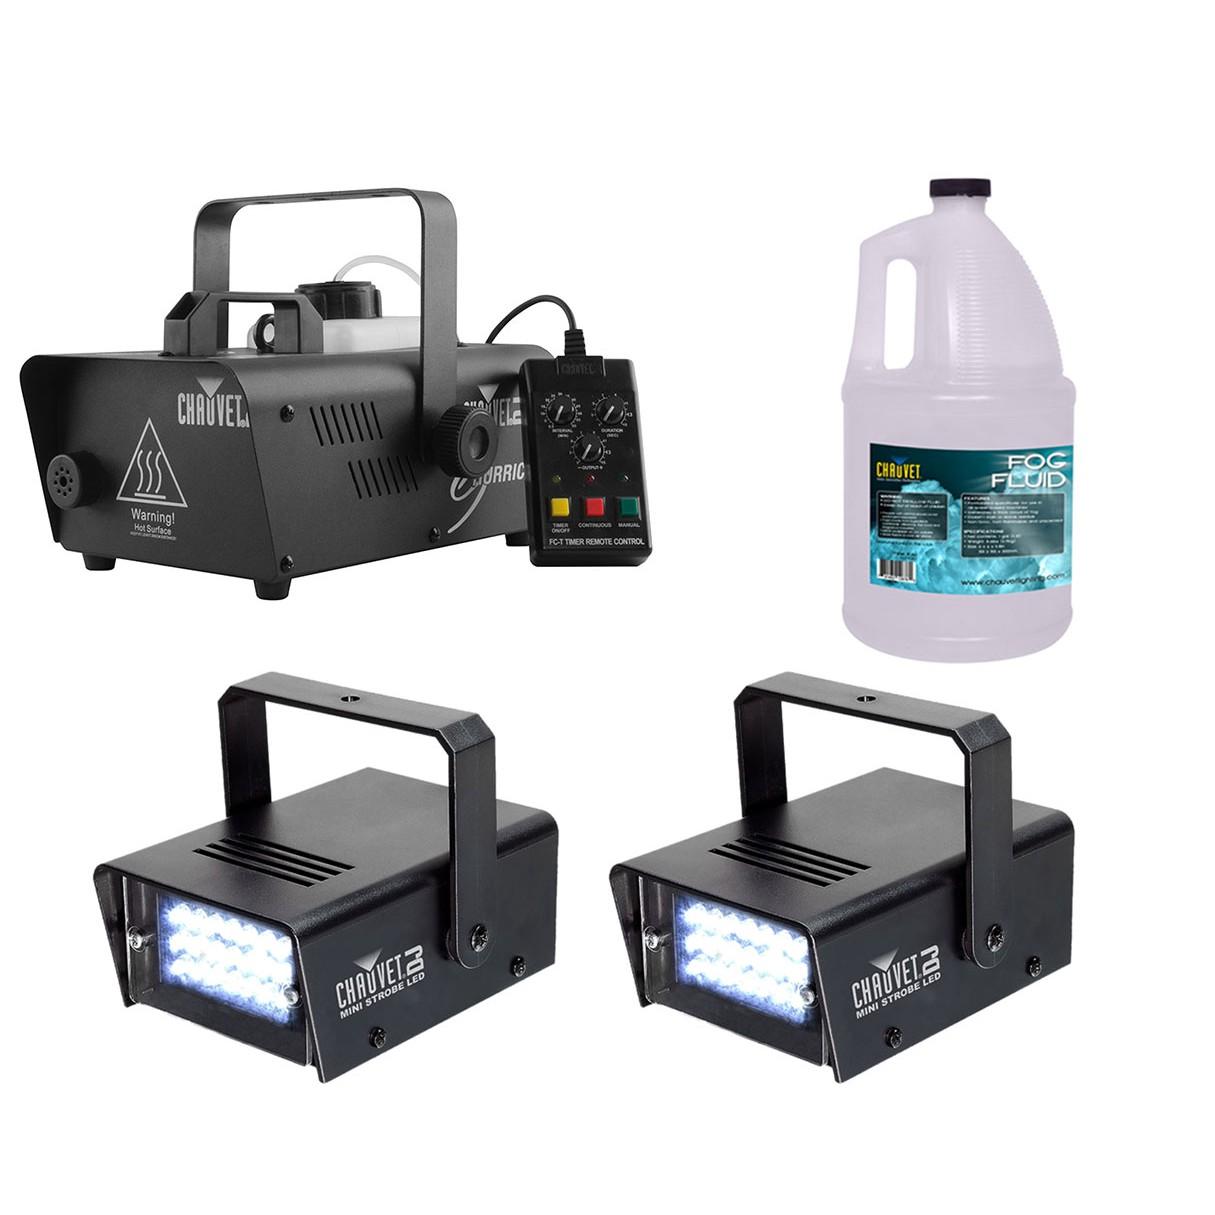 chauvet dj hurricane 1200 strobe lights fog fluid. Black Bedroom Furniture Sets. Home Design Ideas